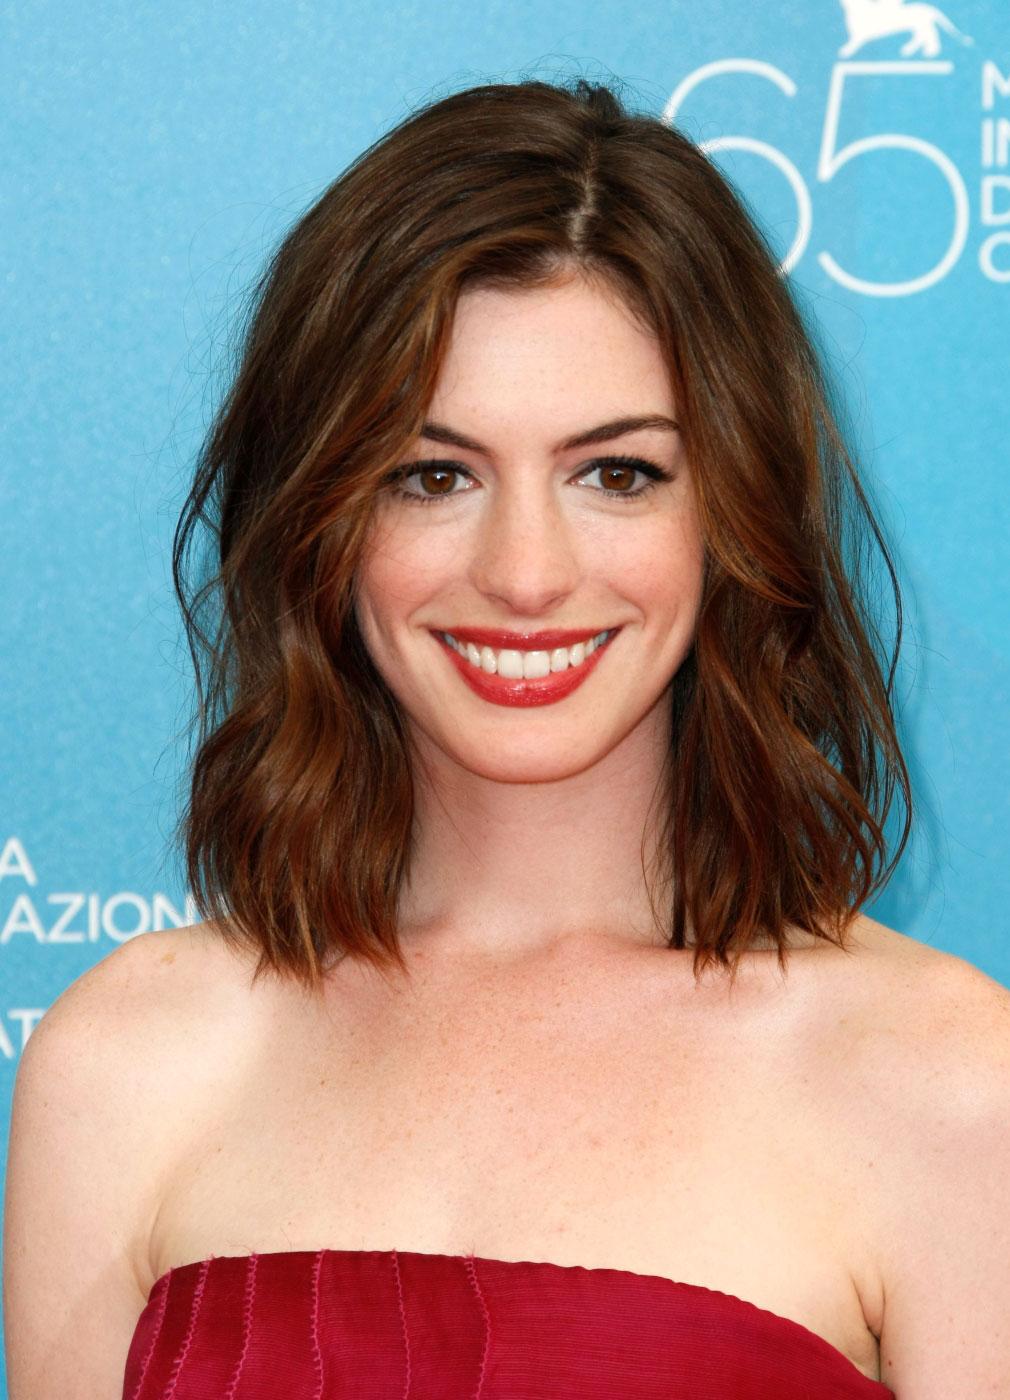 Anne Hathaway: Anne Hathaway Hairstyles